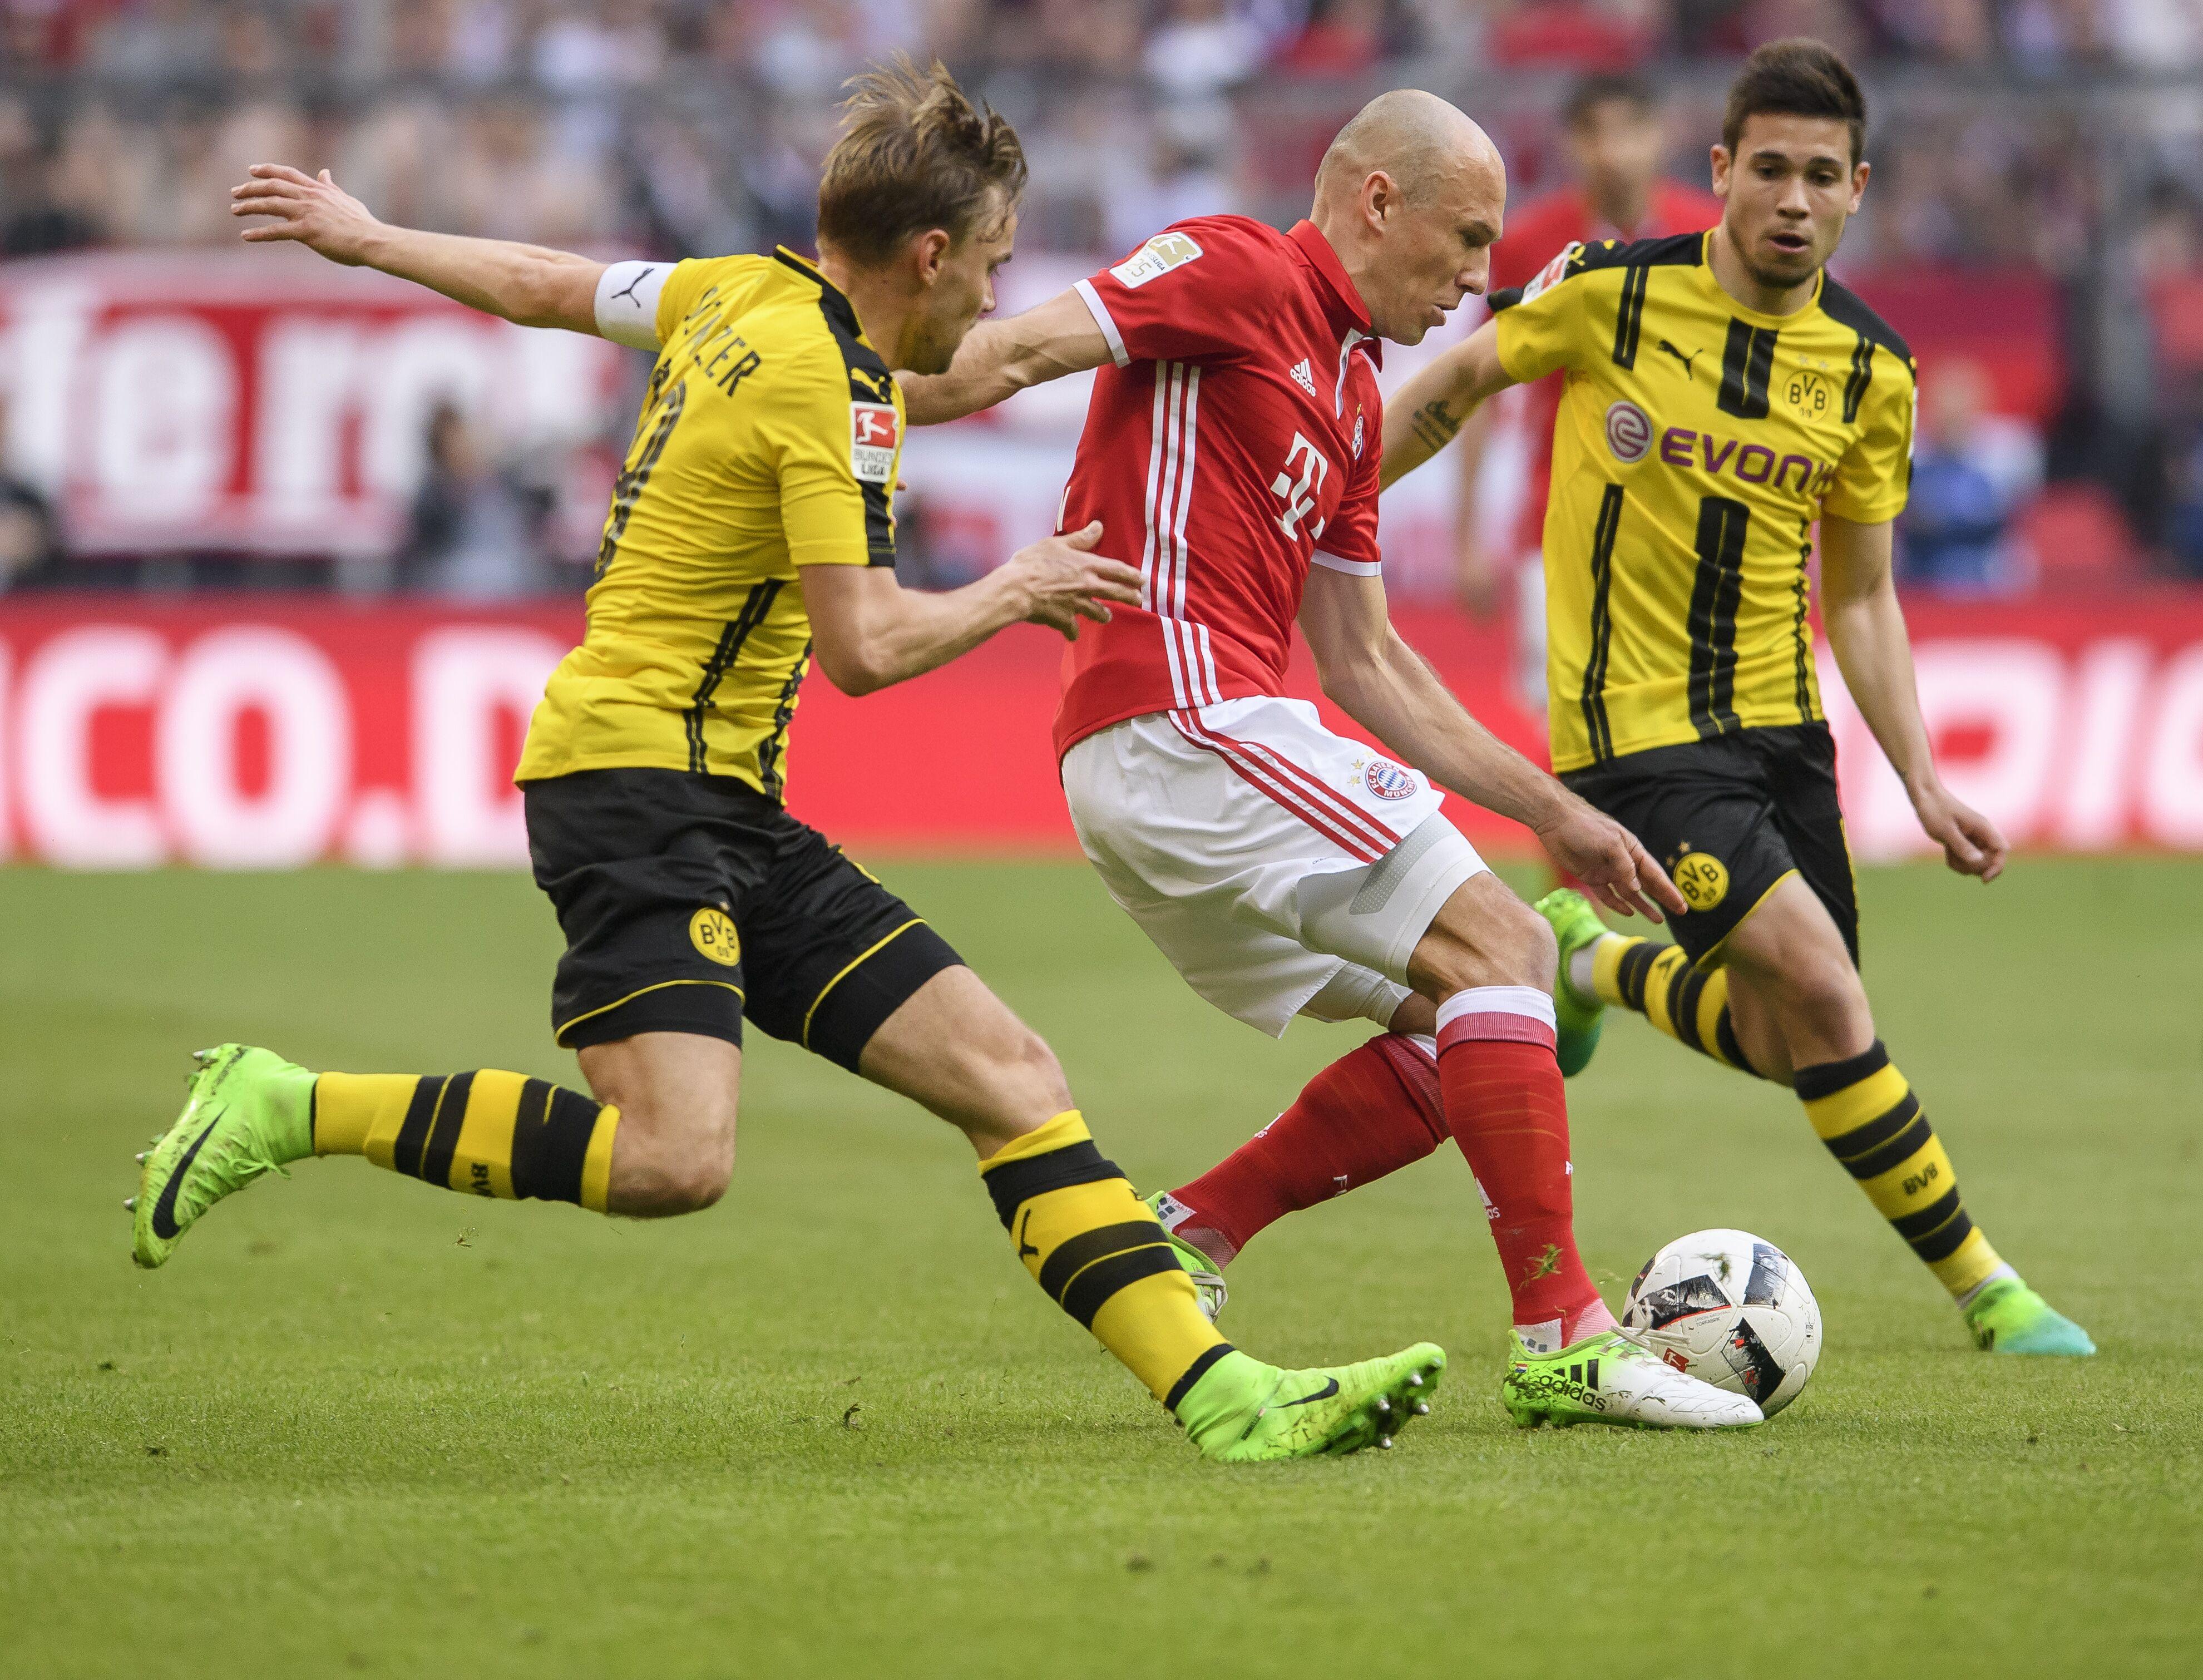 Supercup Bayern Dortmund 2017